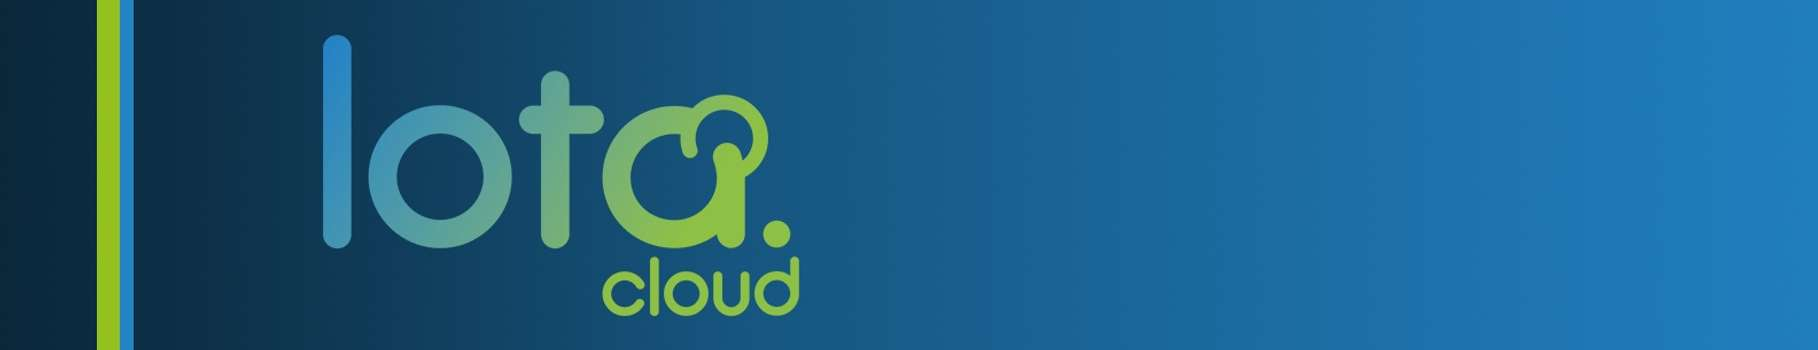 Lota.cloud